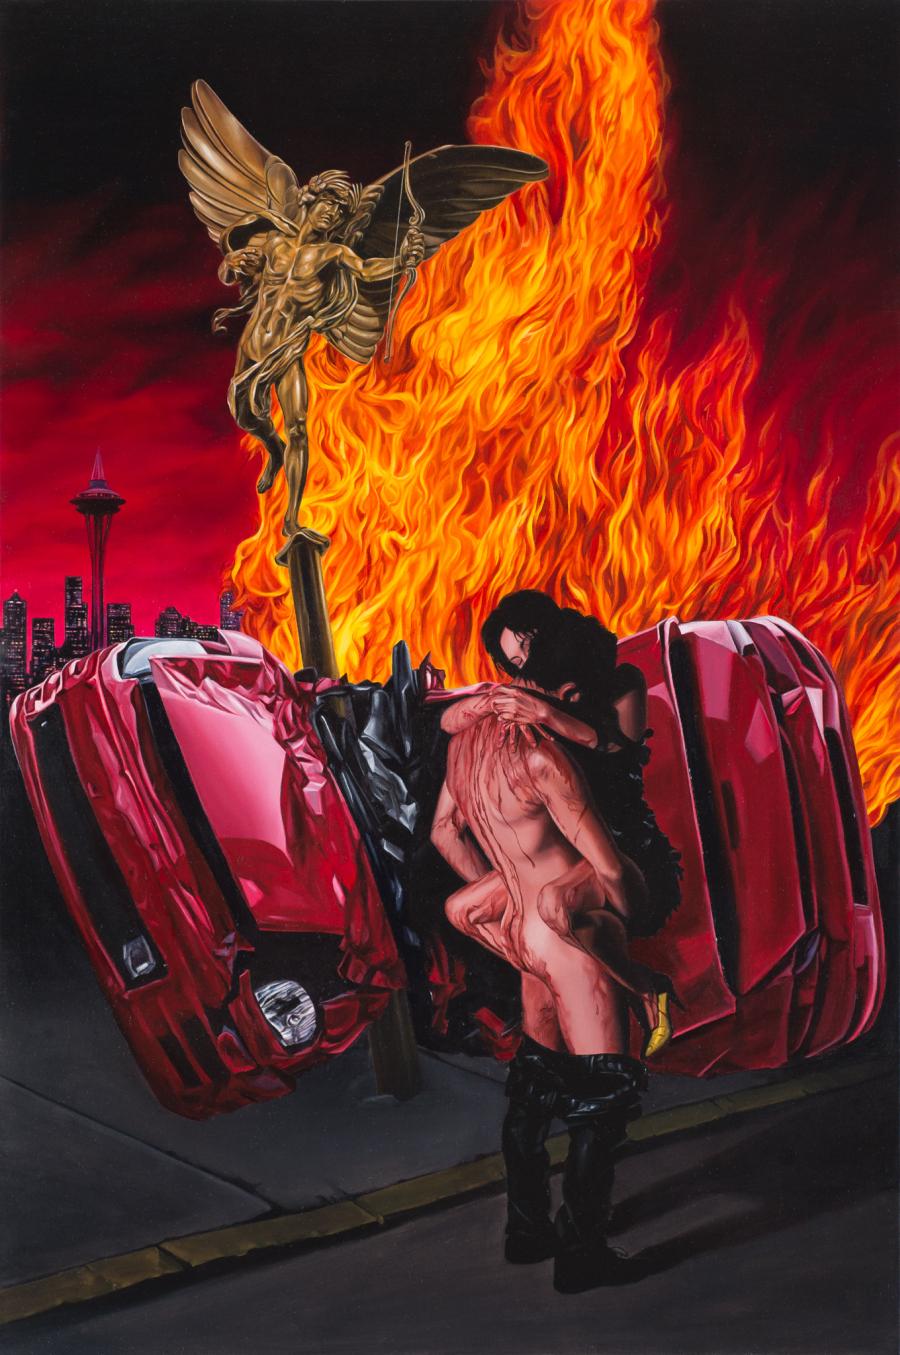 José Pedro Godoy, Fiebre, 2016, óleo sobre tela, 119 x 79 cm. Cortesía del artista y La Fresh Gallery